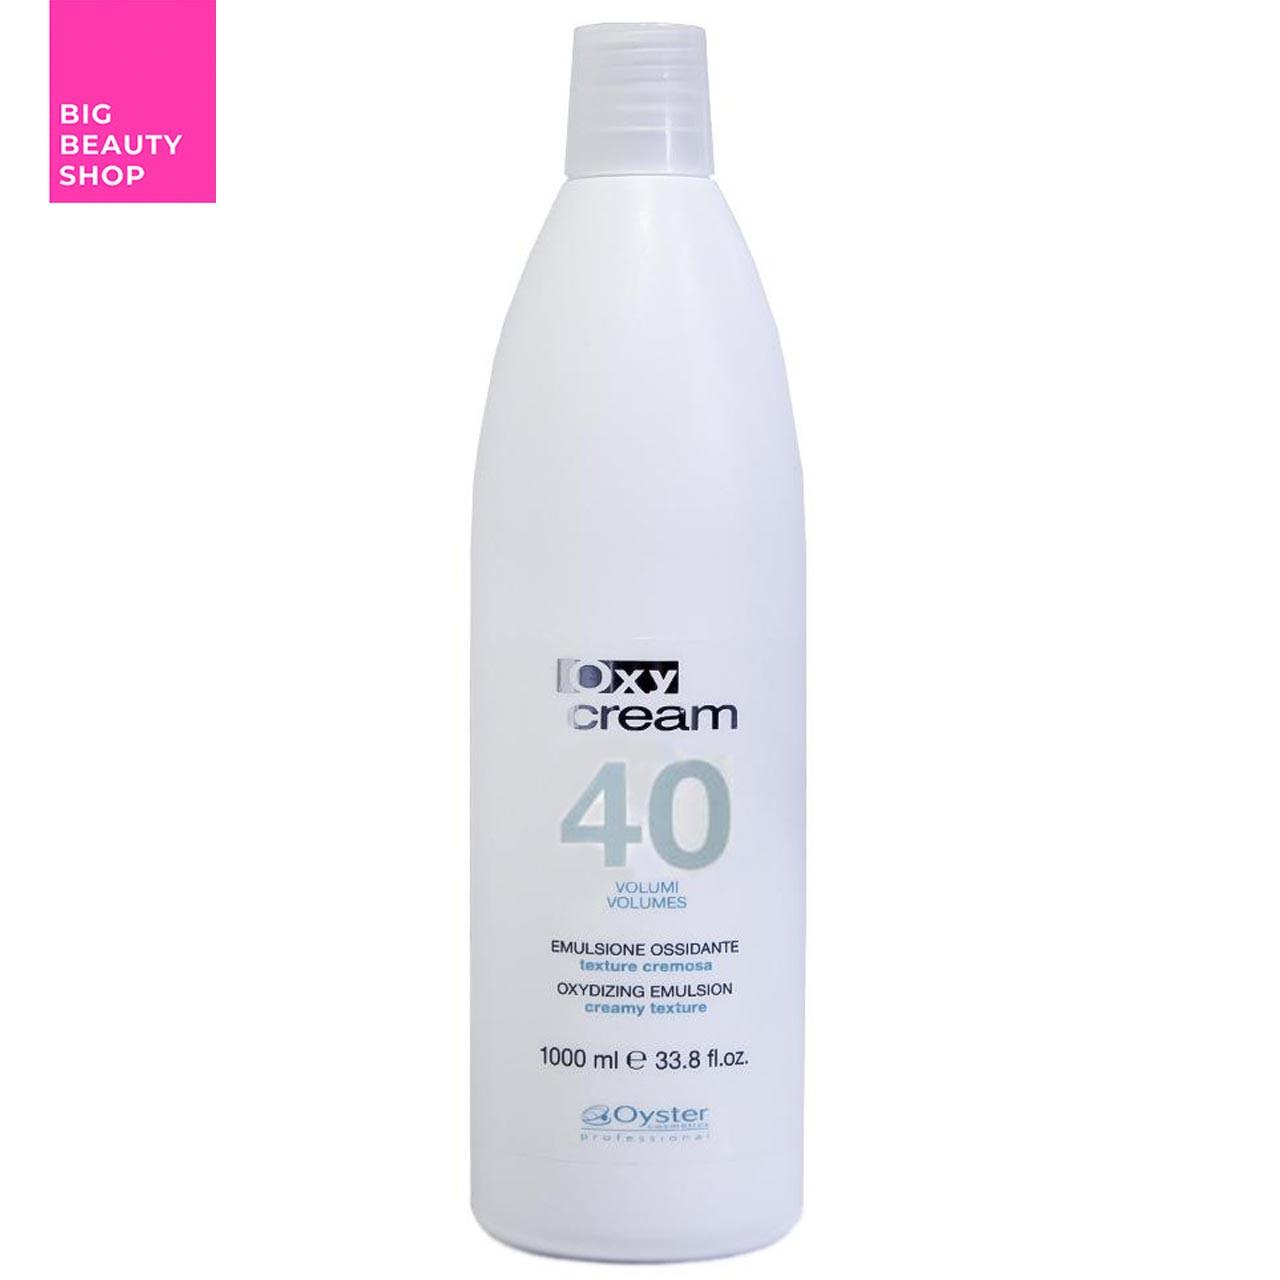 Окислительная эмульсия Oyster Cosmetics 12% (40 Vol.) Oxy Cream 1000 мл